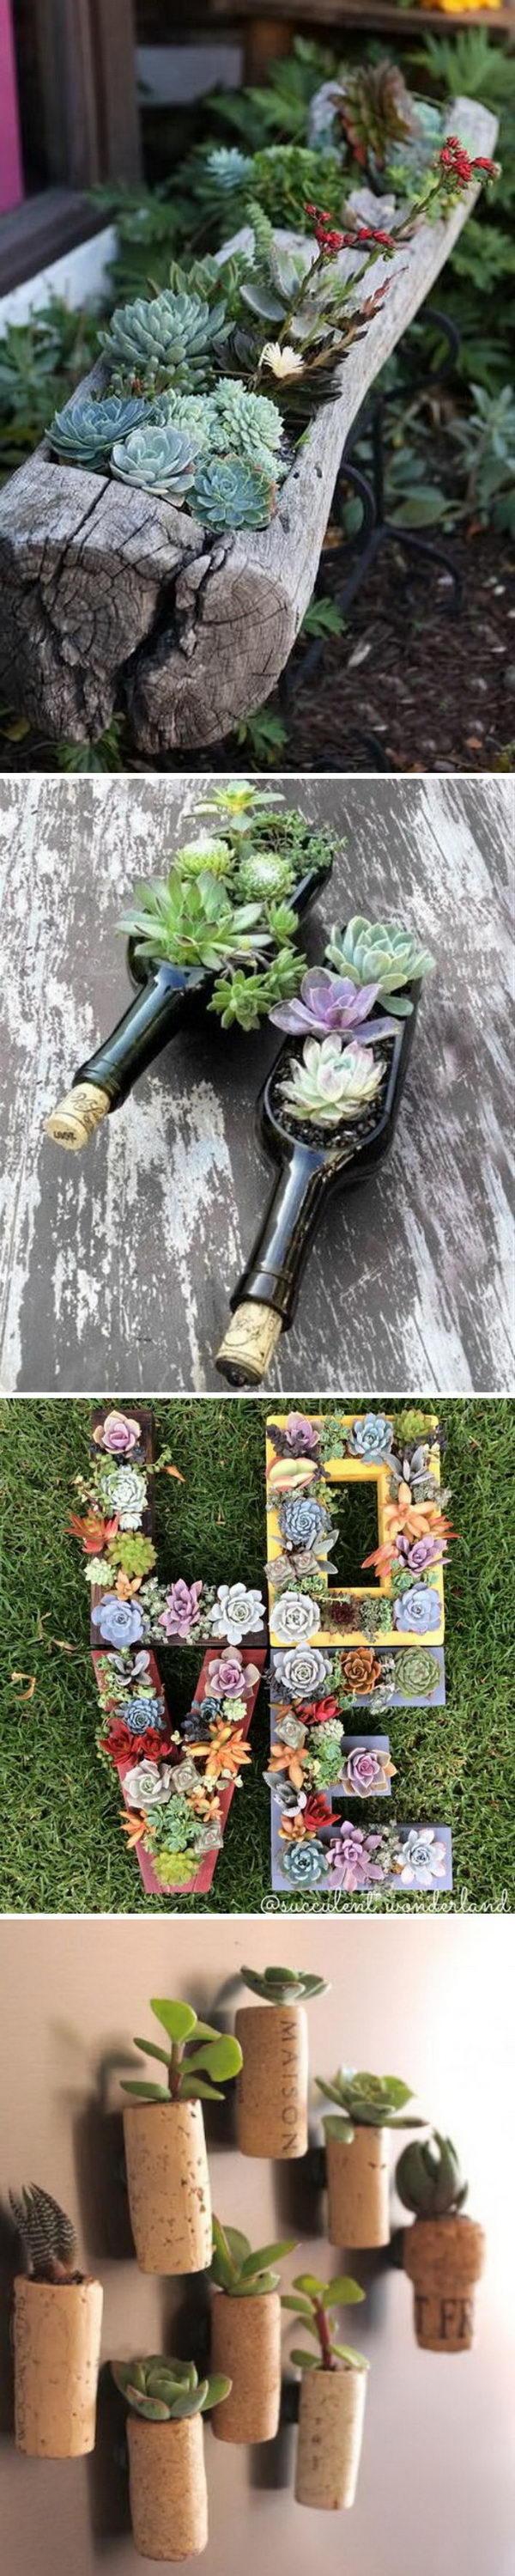 Creative Indoor And Outdoor Succulent Garden Ideas.